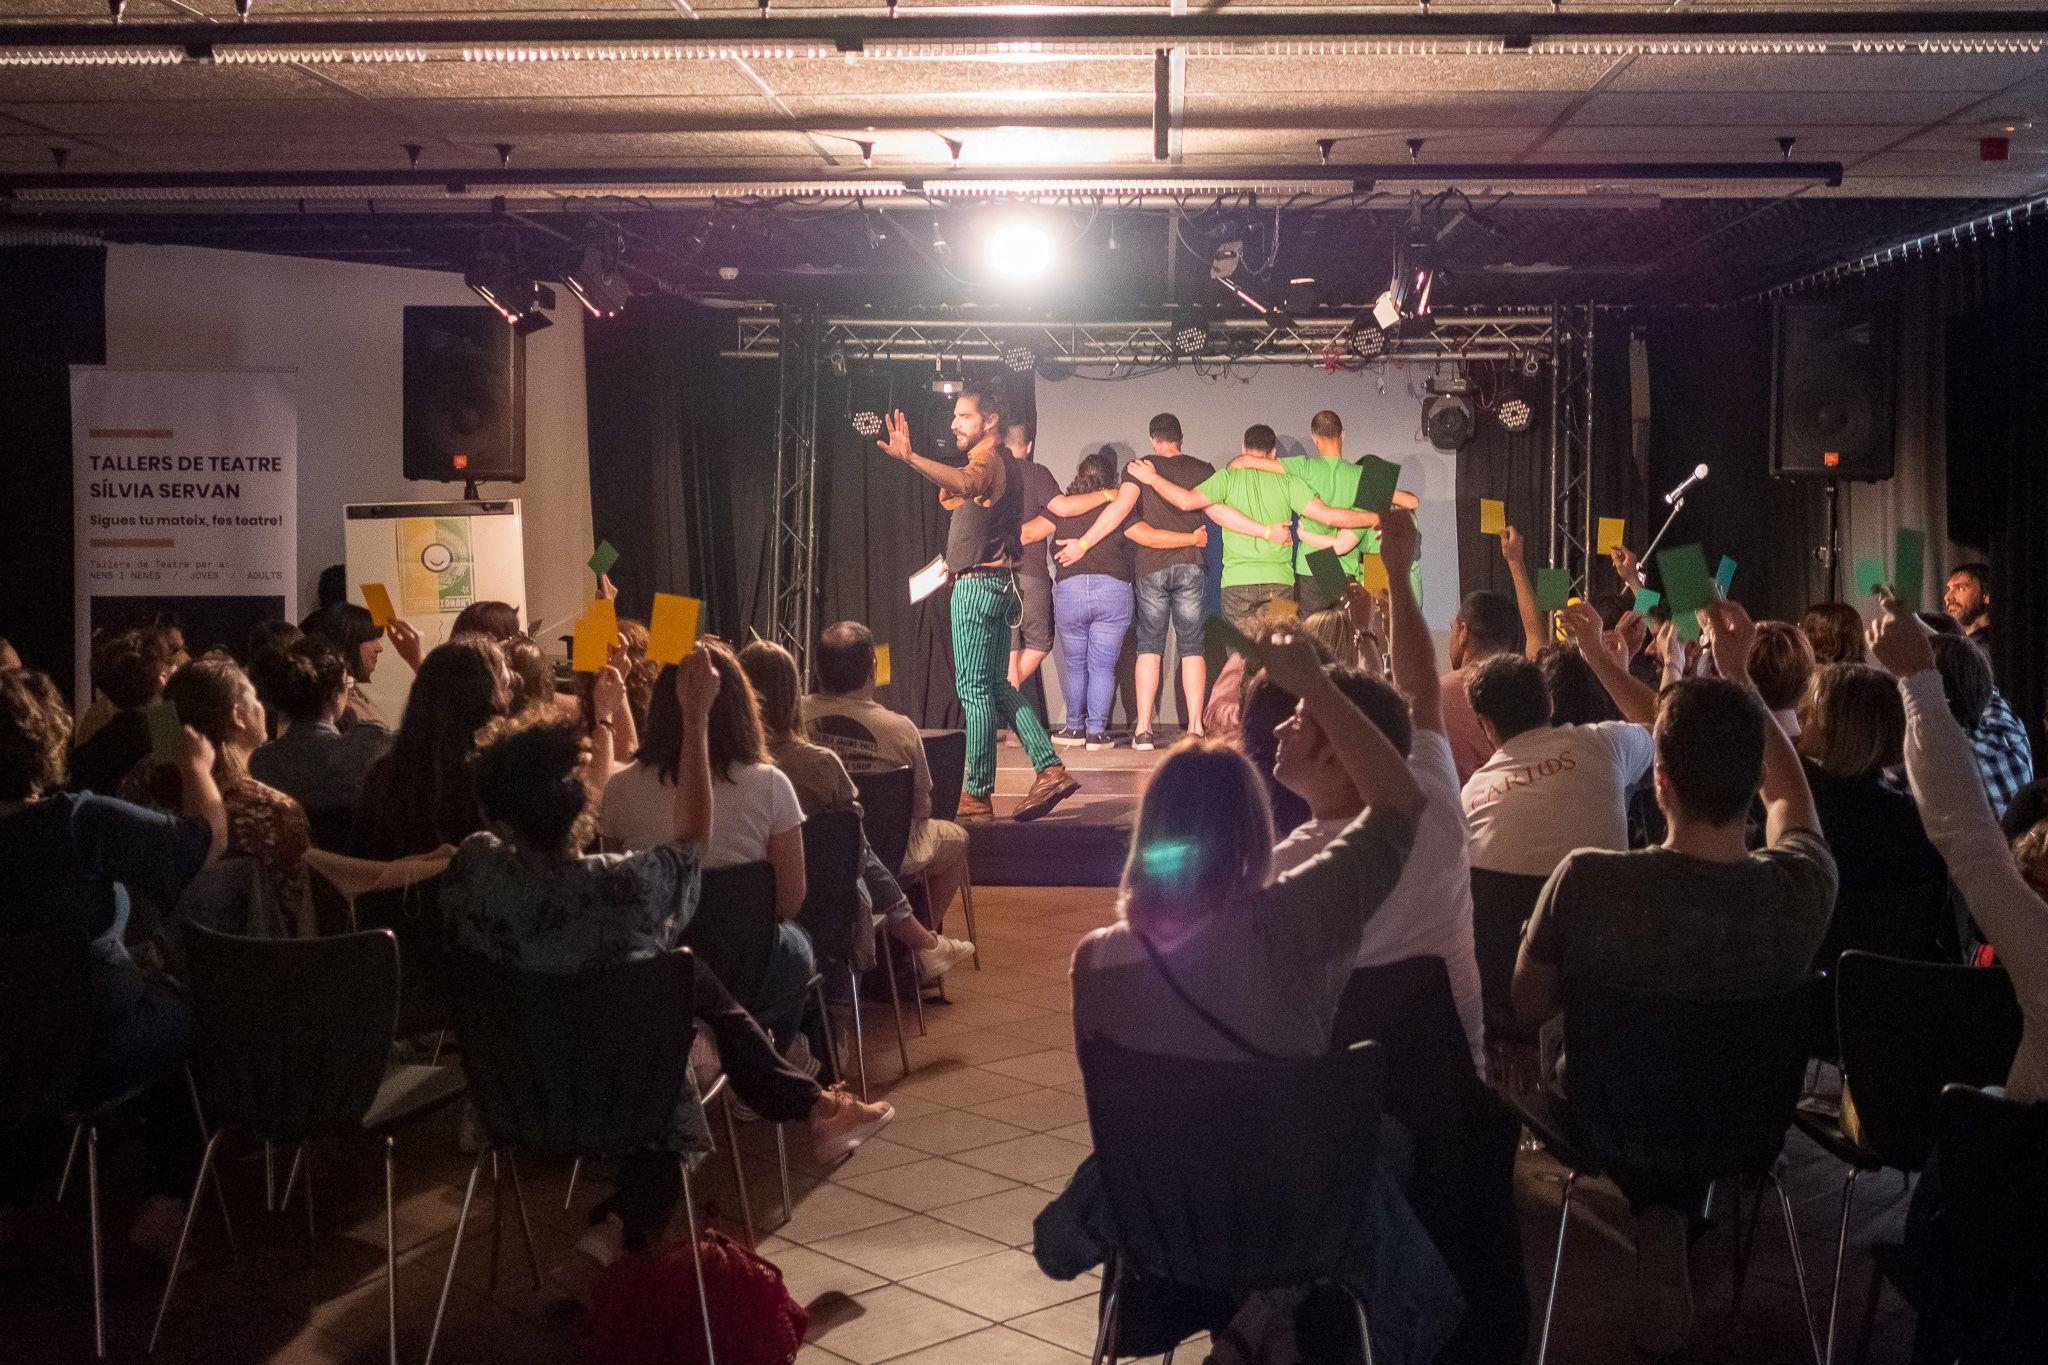 L'Improsionant: 4t Round! Lliga d'improvitzacions de Sant Cugat a partir dels títols del públic. FOTO: Ale G.